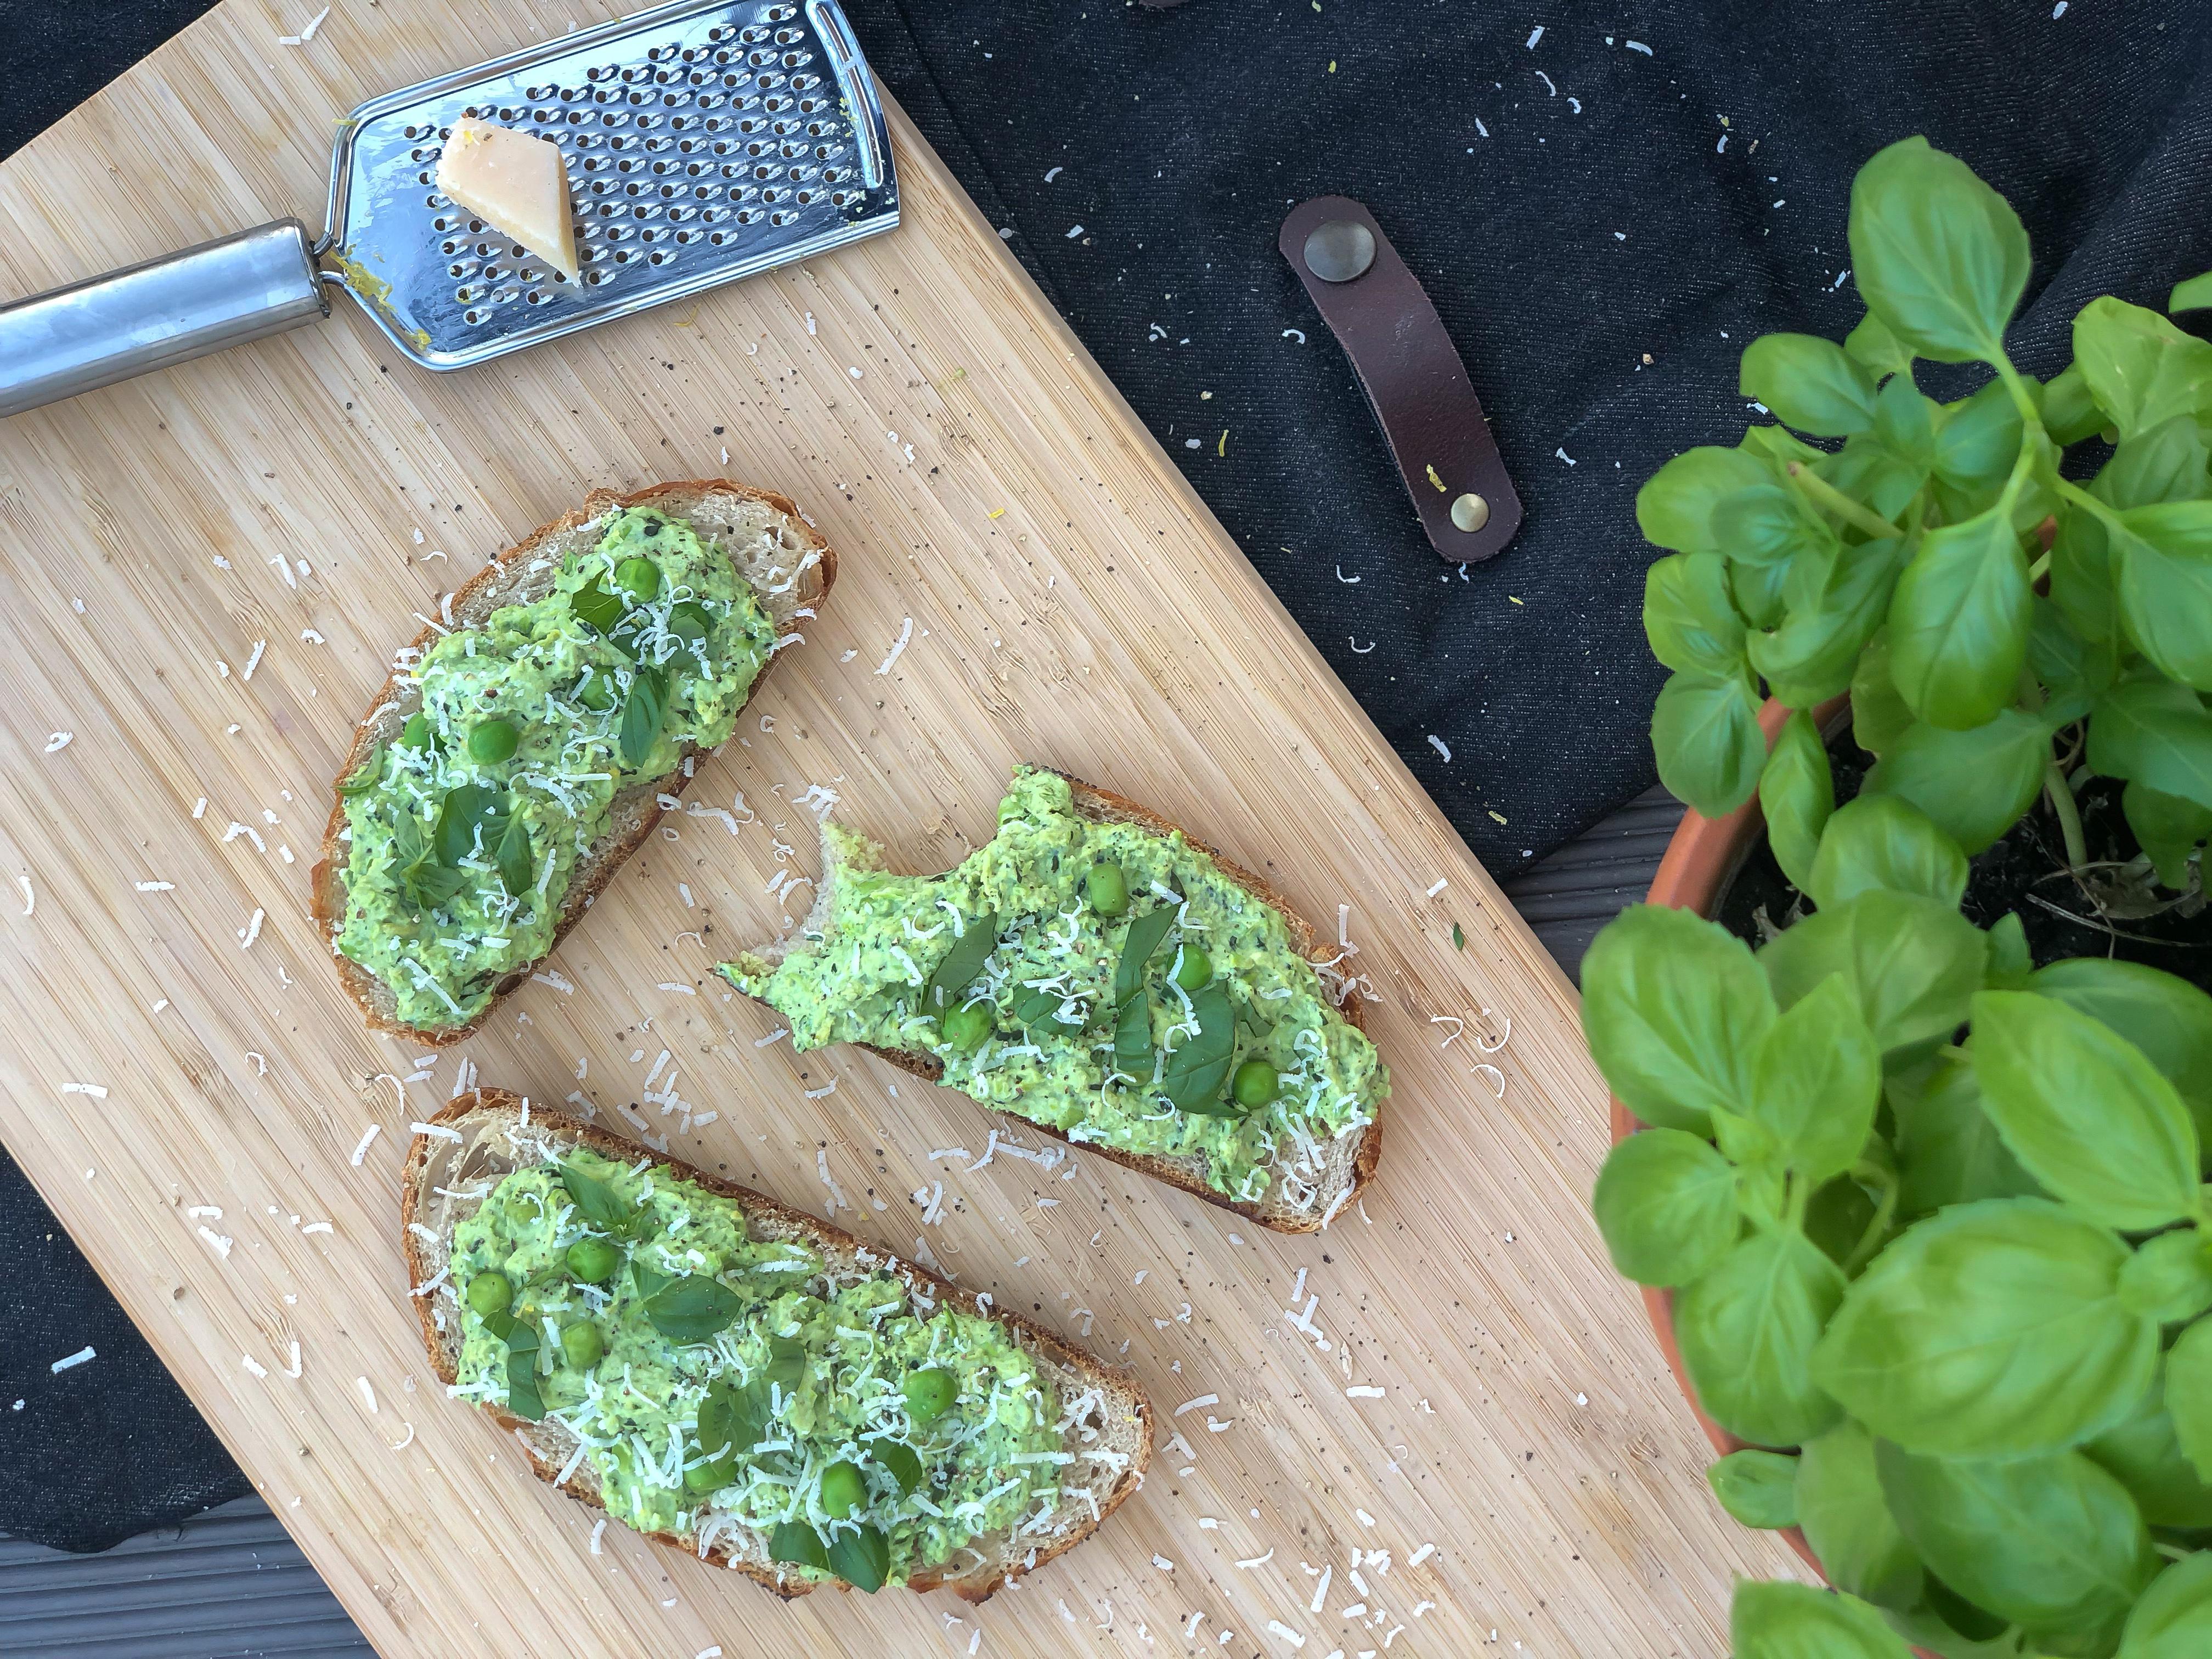 kanapki z pastą z zielonego groszku